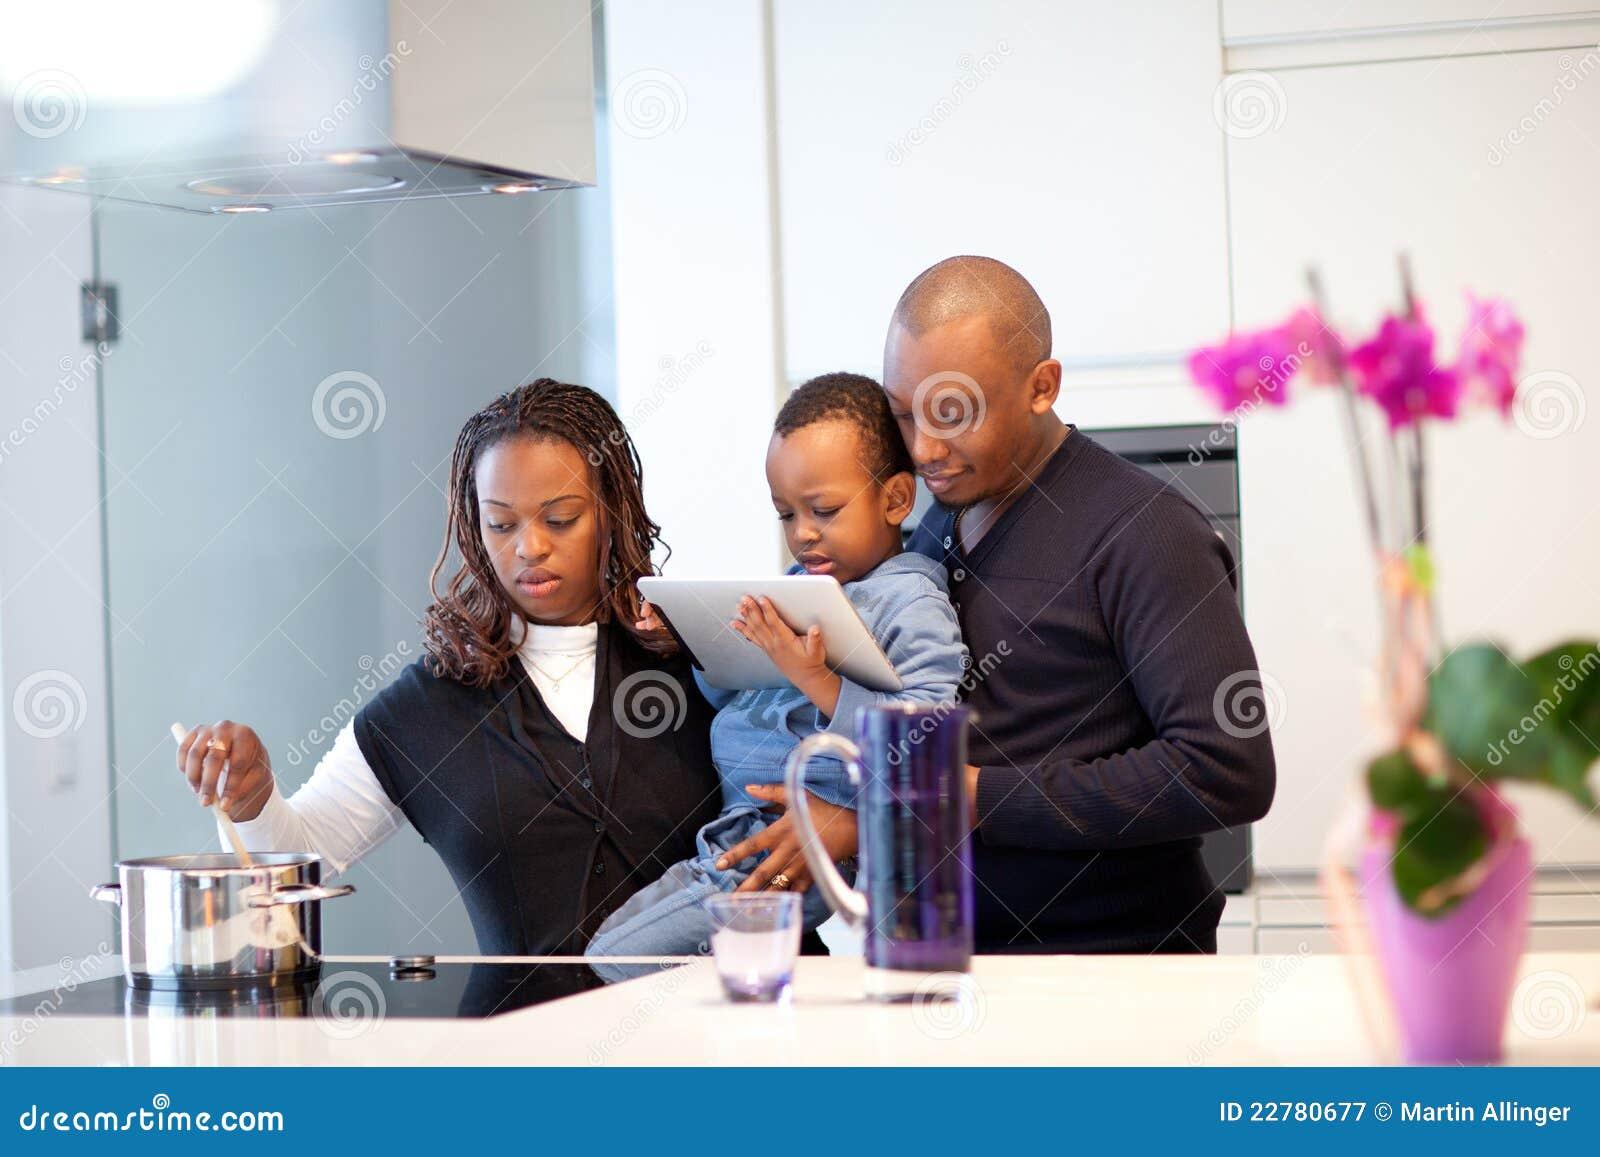 Junge schwarze Familie in der frischen modernen Küche